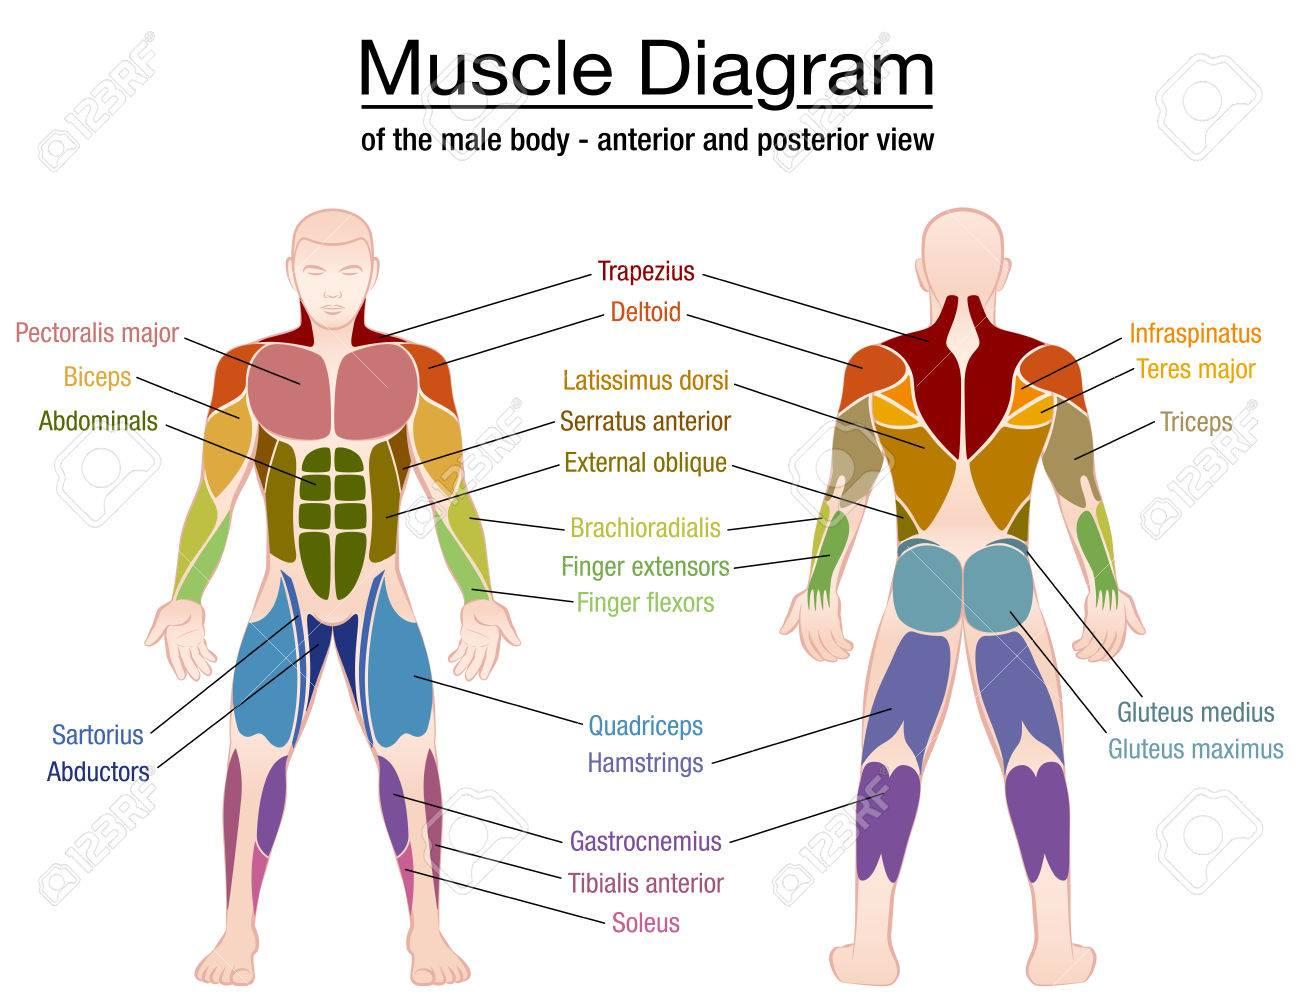 Wunderbar Anatomie Diagramm Muskeln Galerie - Anatomie Von ...